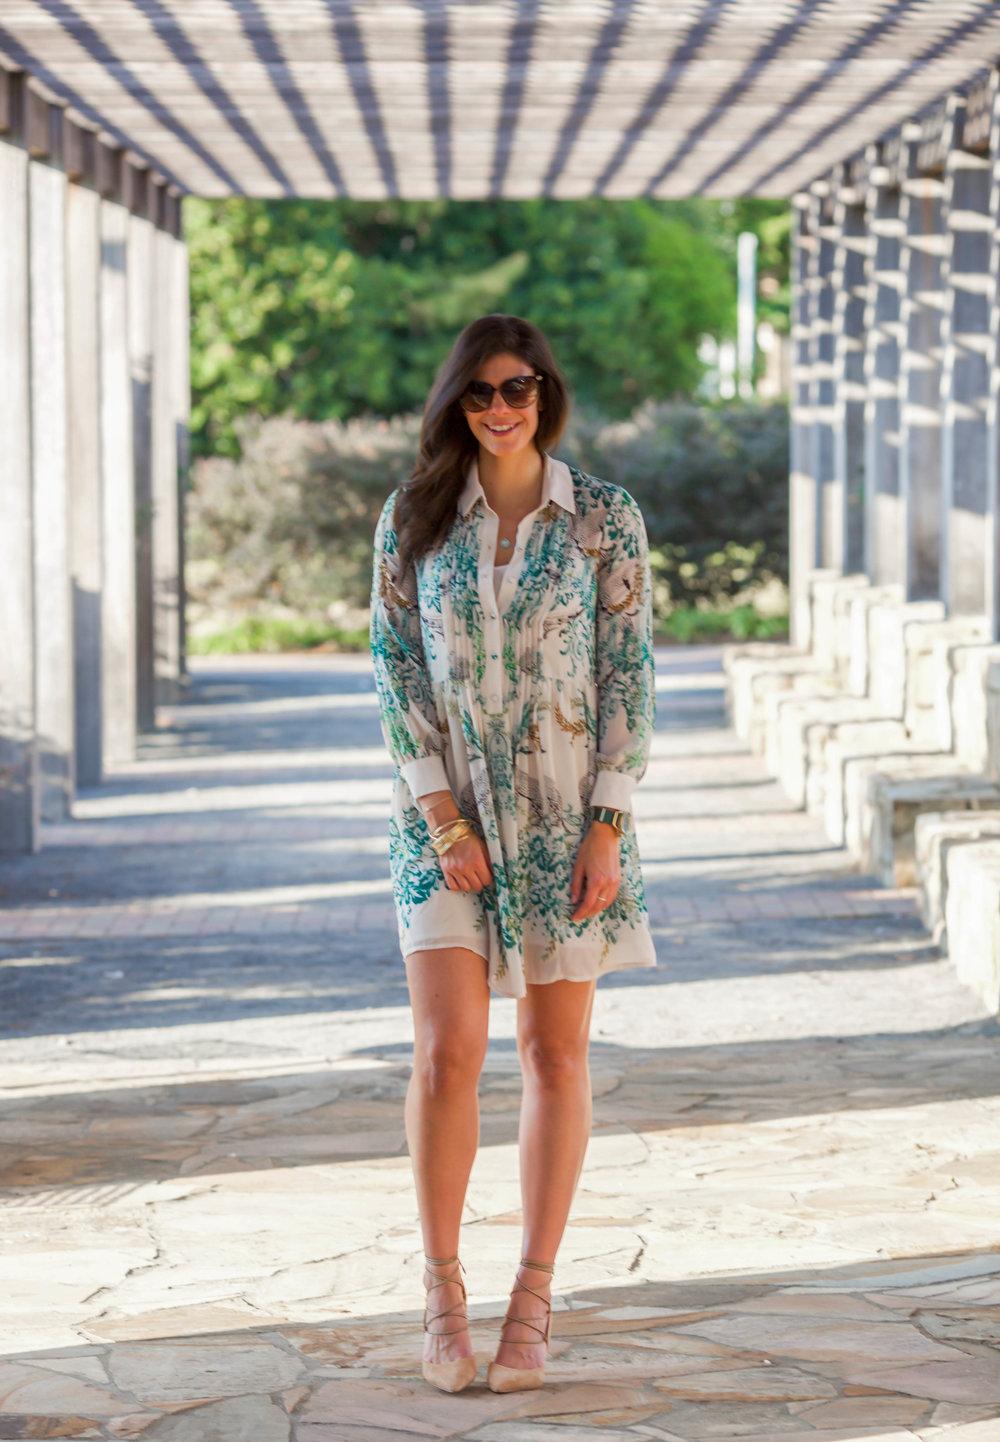 floral-long-sleeve-shirtdress-lauren-schwaiger-style-blog.jpg